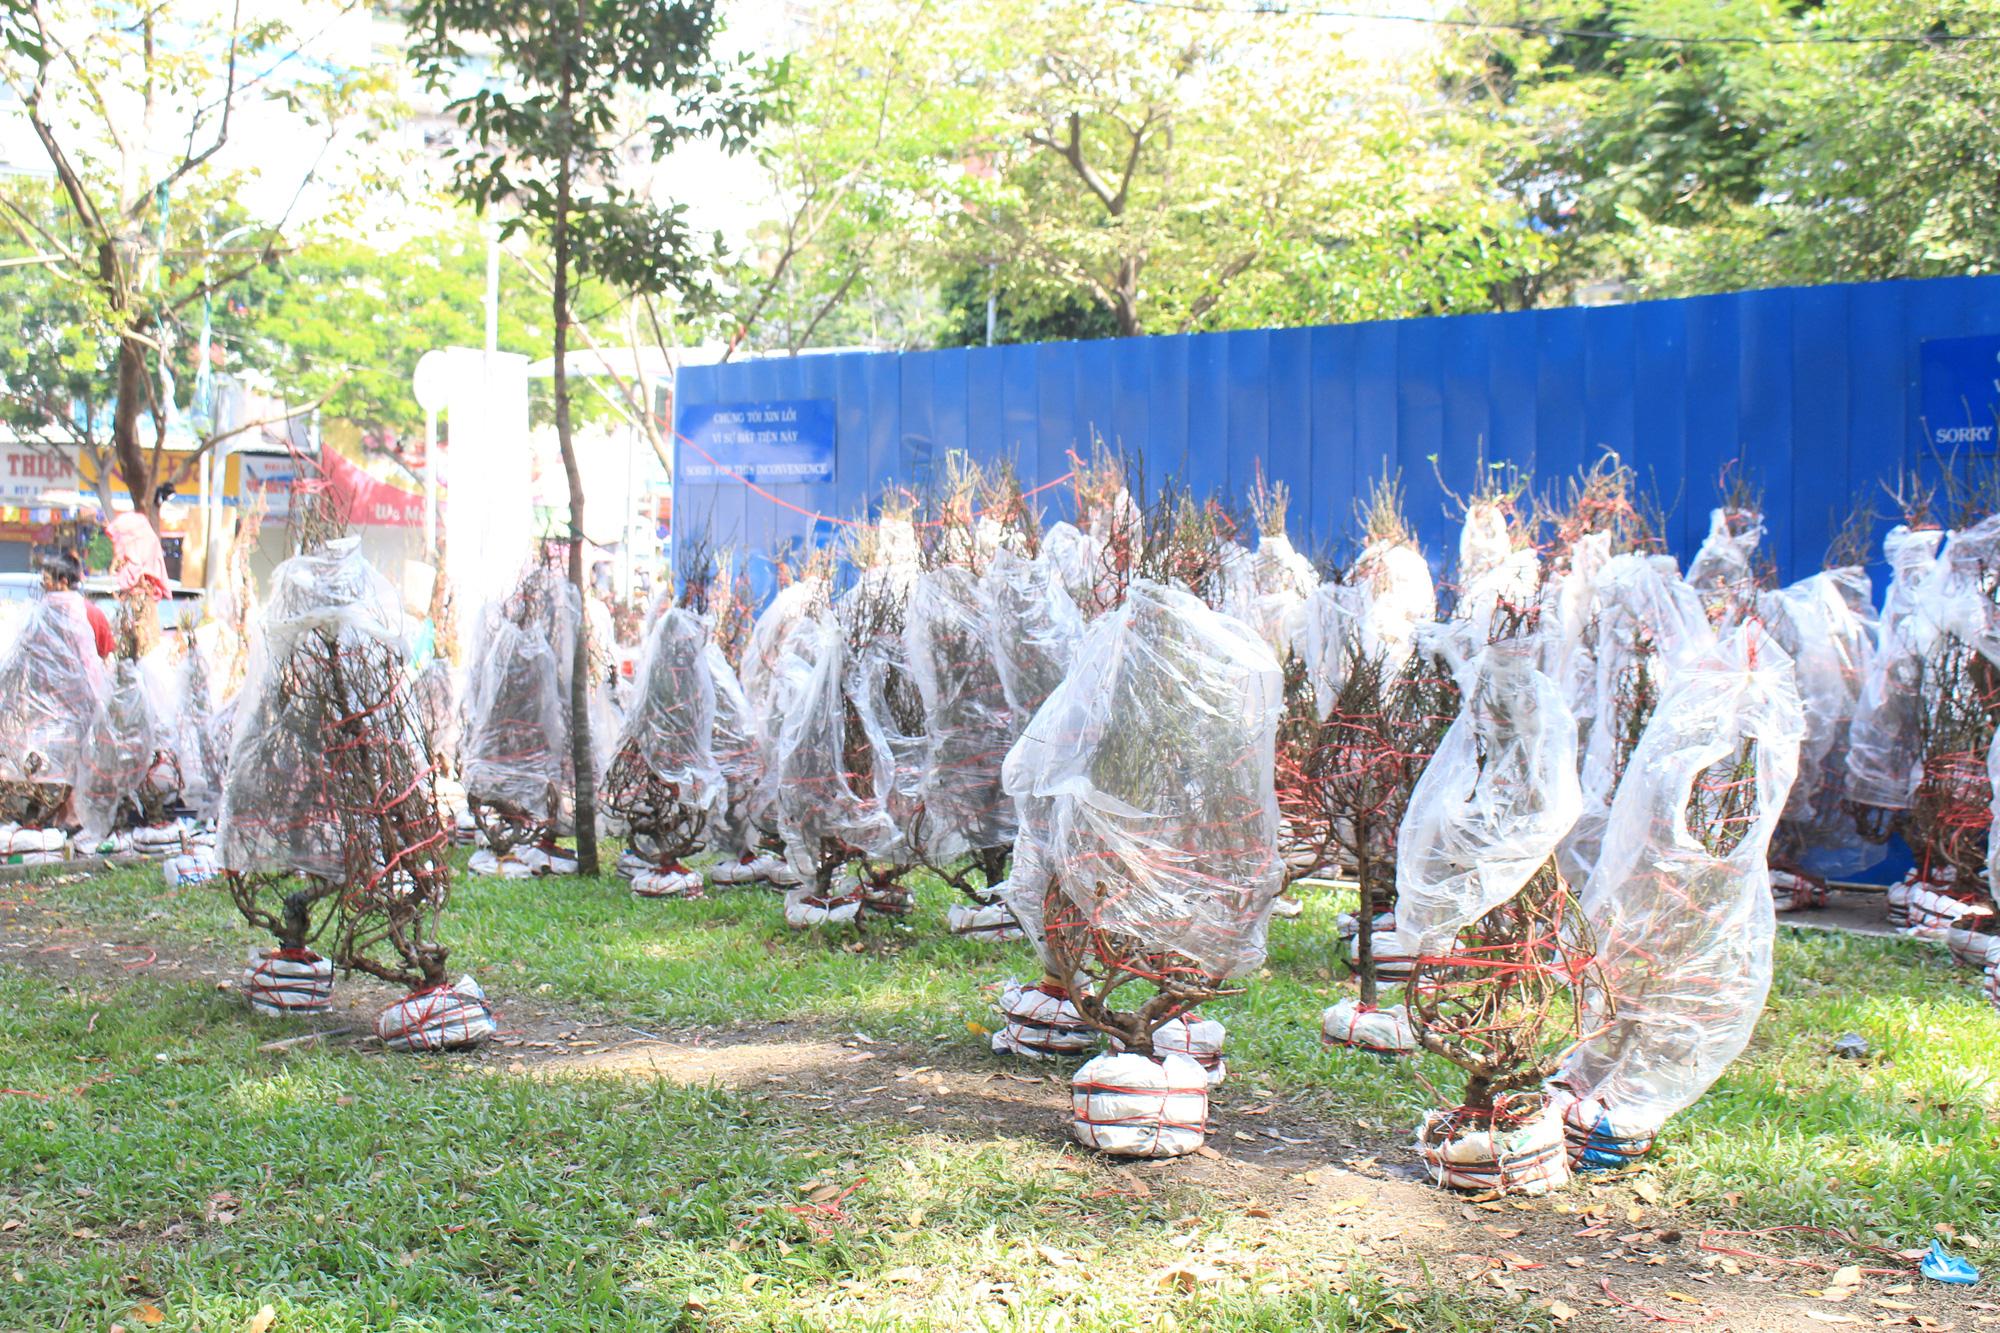 Trưa 30 Tết, mai, đào, hướng dương bán rẻ như cho 50.000 đồng một cây ở chợ hoa Sài Gòn - Ảnh 7.